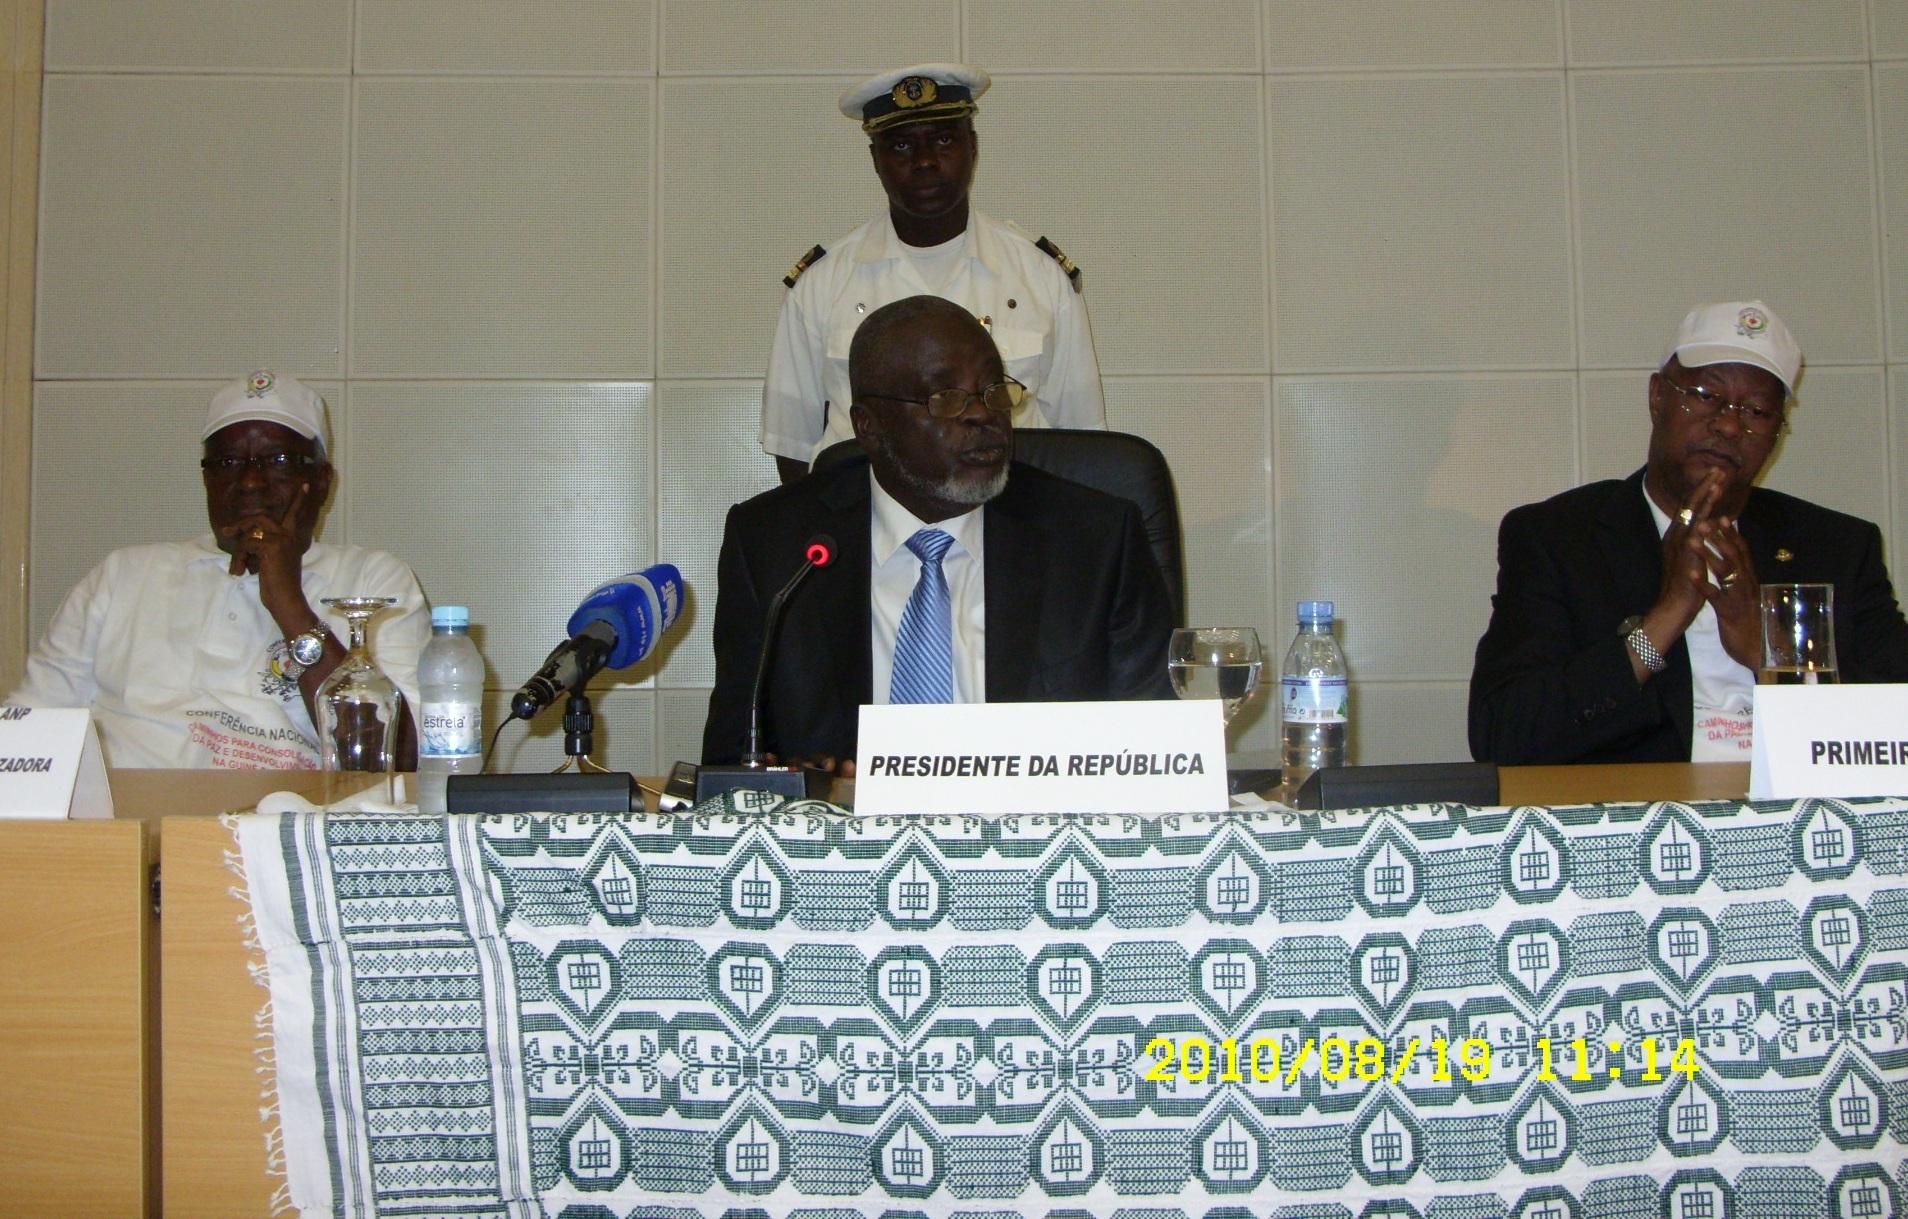 Abertura Oficial da Conferência Nacional para a Consolidação da Paz e Desenvolvimento